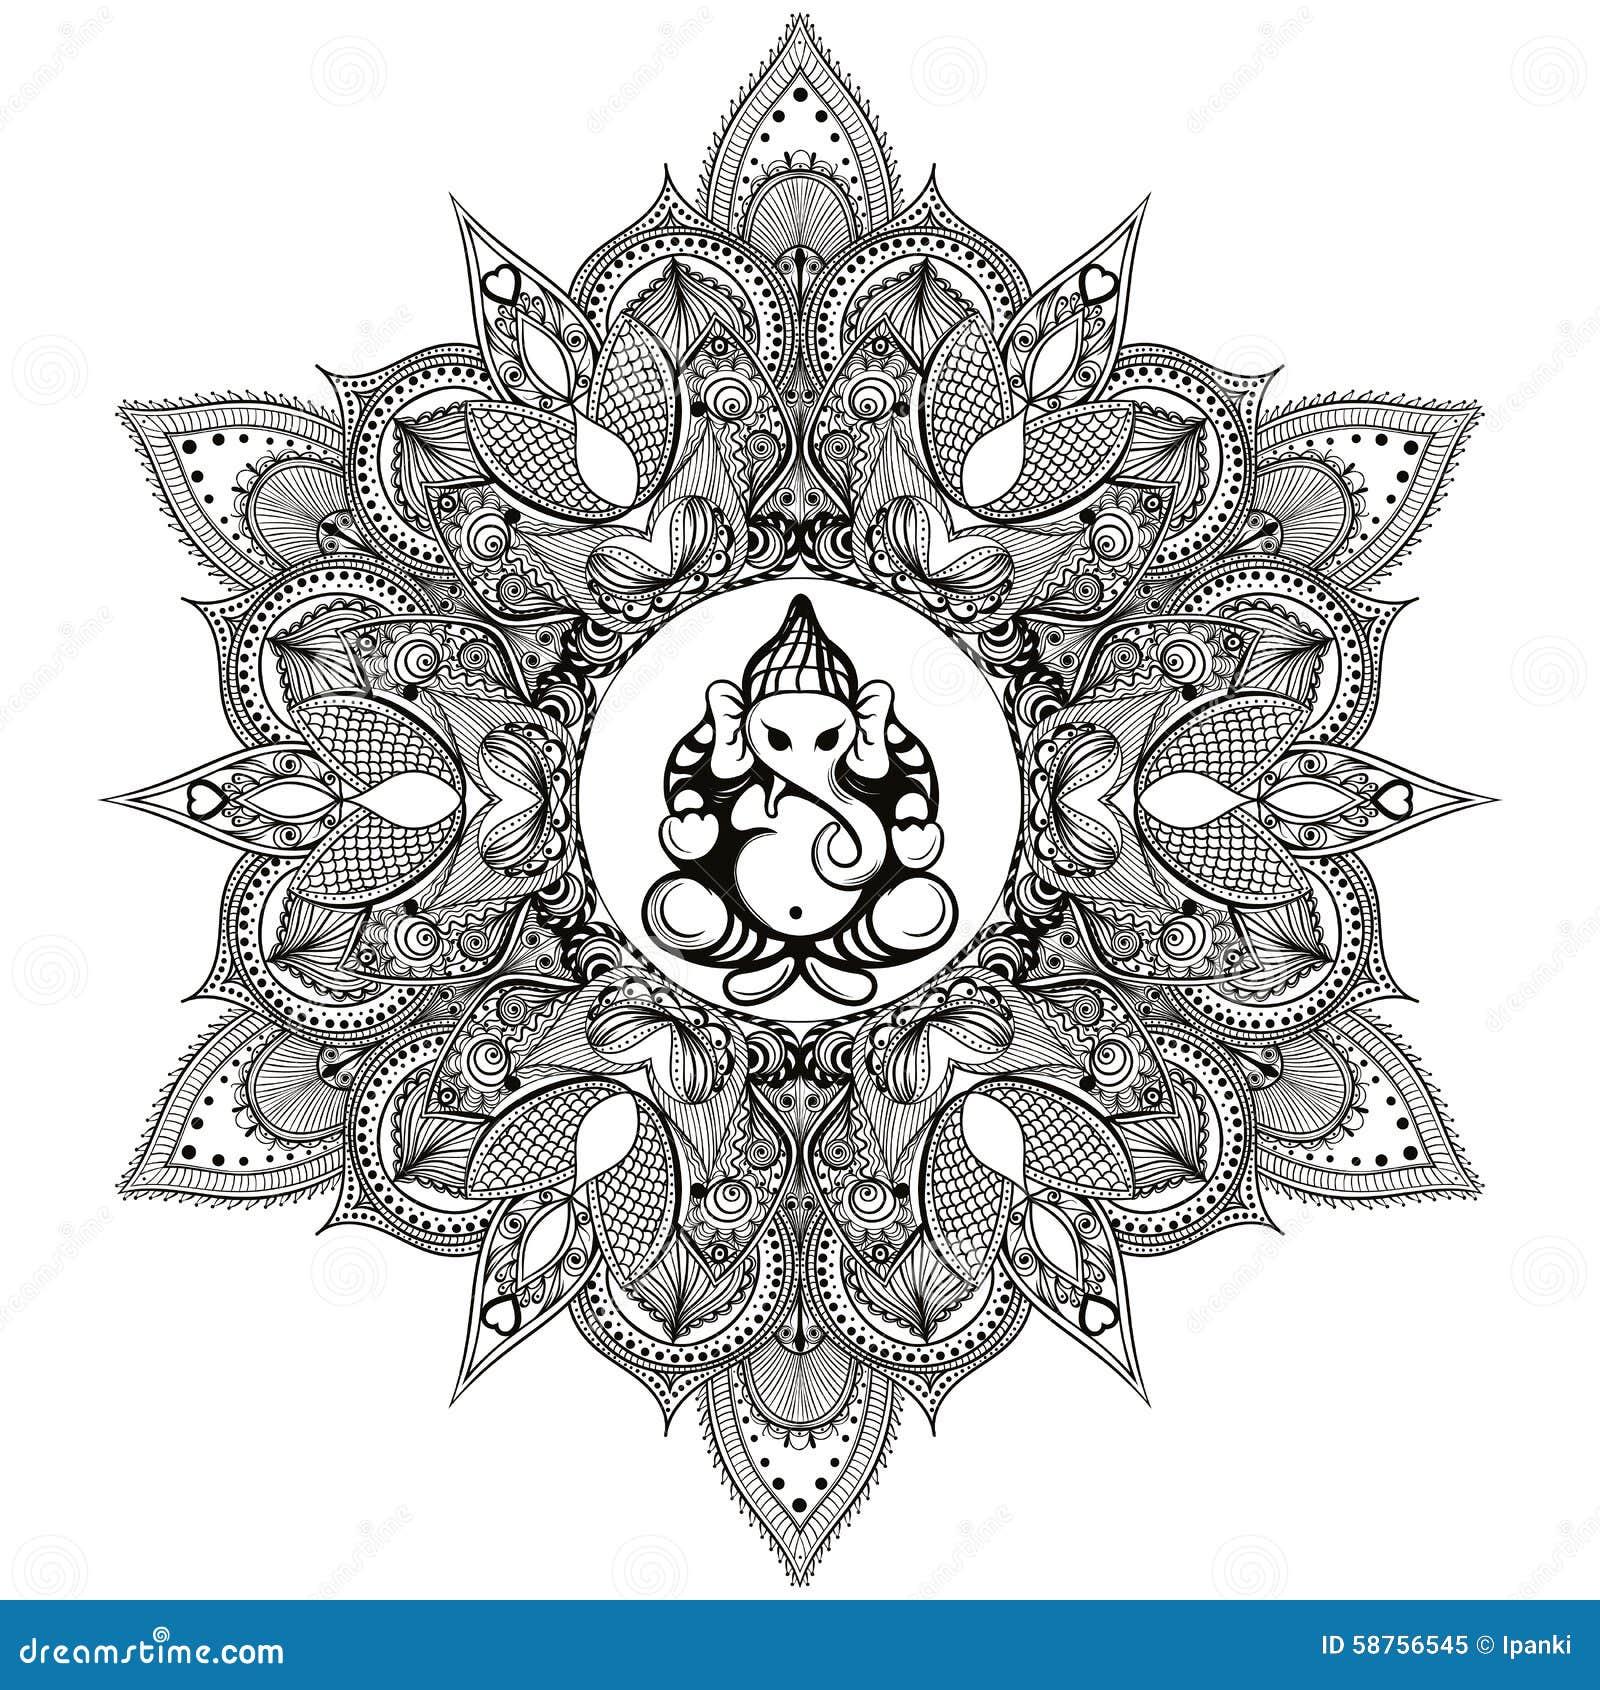 Zentangle a stylis autour du mandala indien avec dieu indou d 39 l phant illustration de vecteur - Elephant indien dessin ...